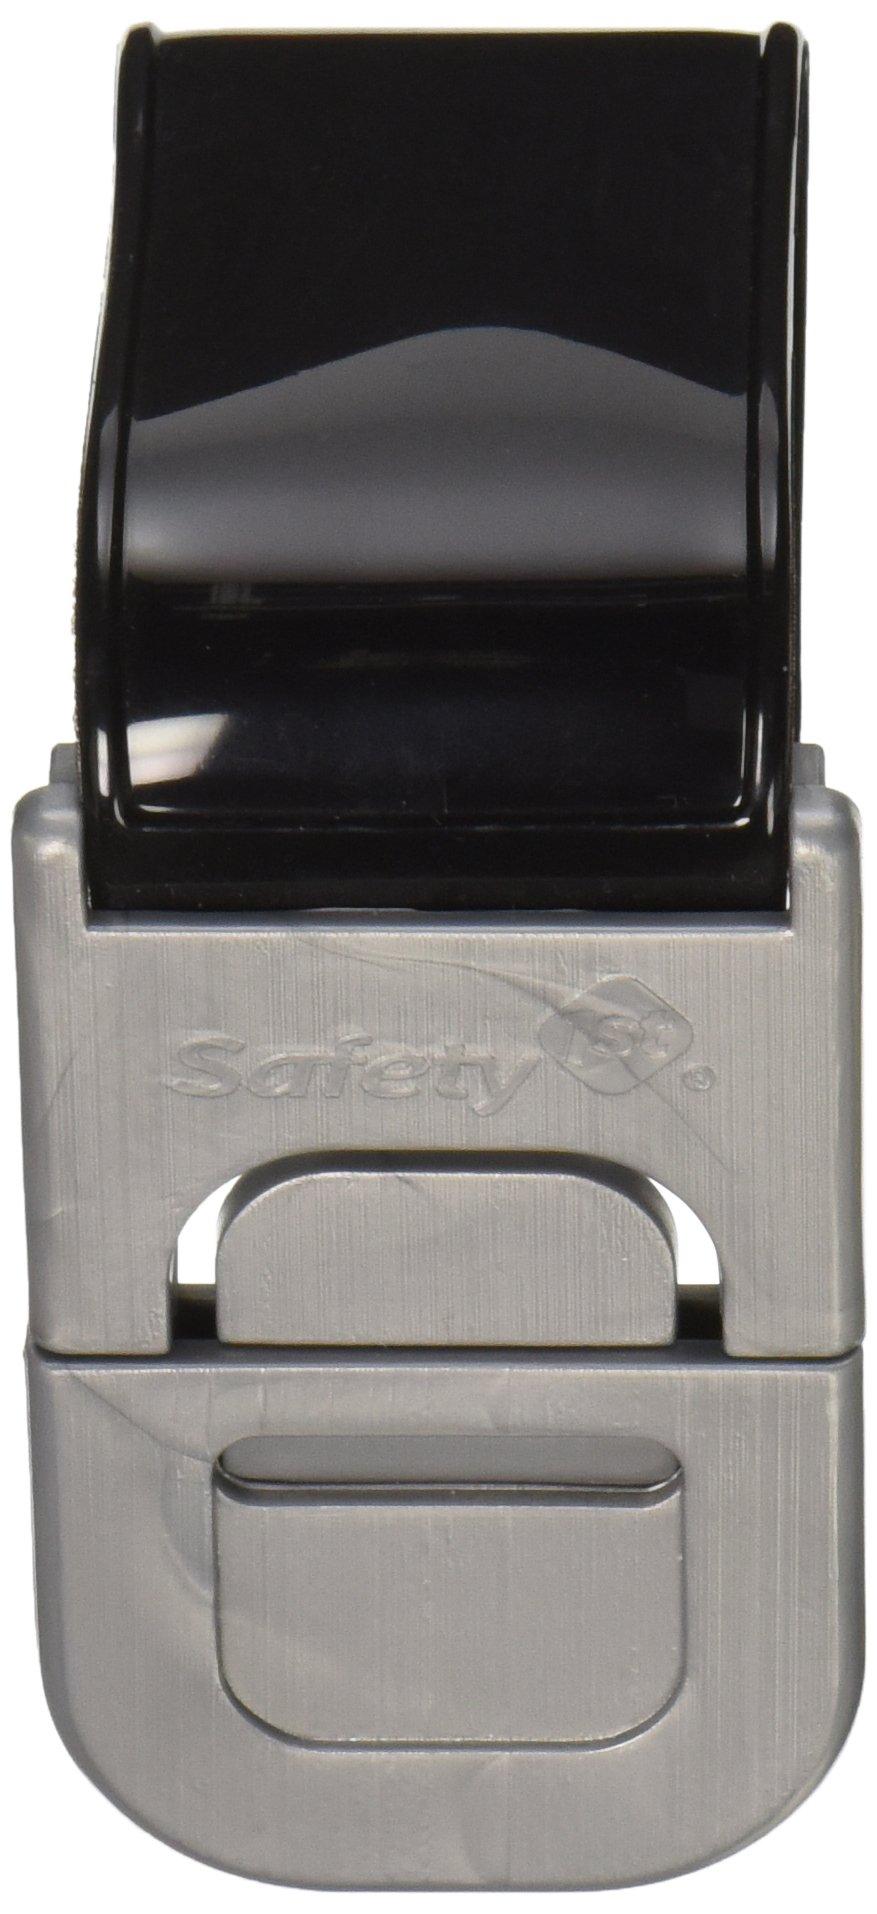 Safety 1st Multi-Purpose Appliance Lock (Décor) HS148 Color: Black - 4 Count